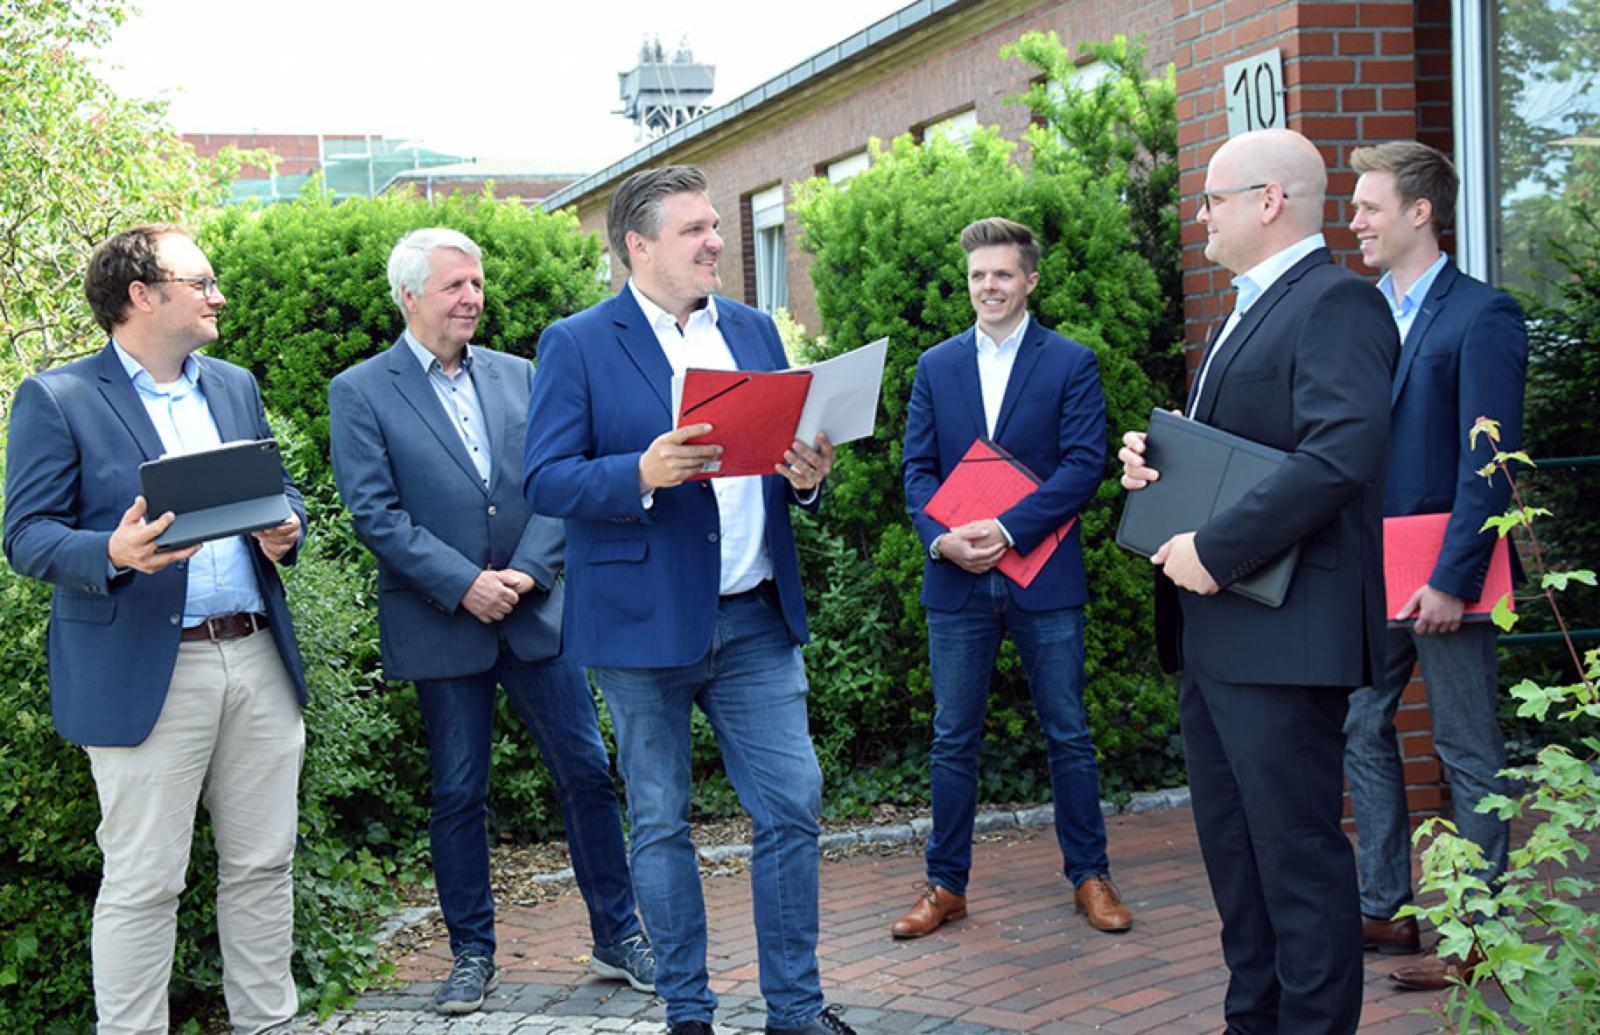 Die Projektpartner freuen sich auf wertvolle Erkenntnisse zur Energieversorgung von morgen: (v.l.) Michael Bußmann (SWTE Netz), Dieter Ruhe (B&R Energie), Dr. Elmar Brügging und Christian Heinrich (FH Münster), Tobias Koch und Felix Schwerter (SWTE Netz). (Foto: Stadtwerke Tecklenburger Land)